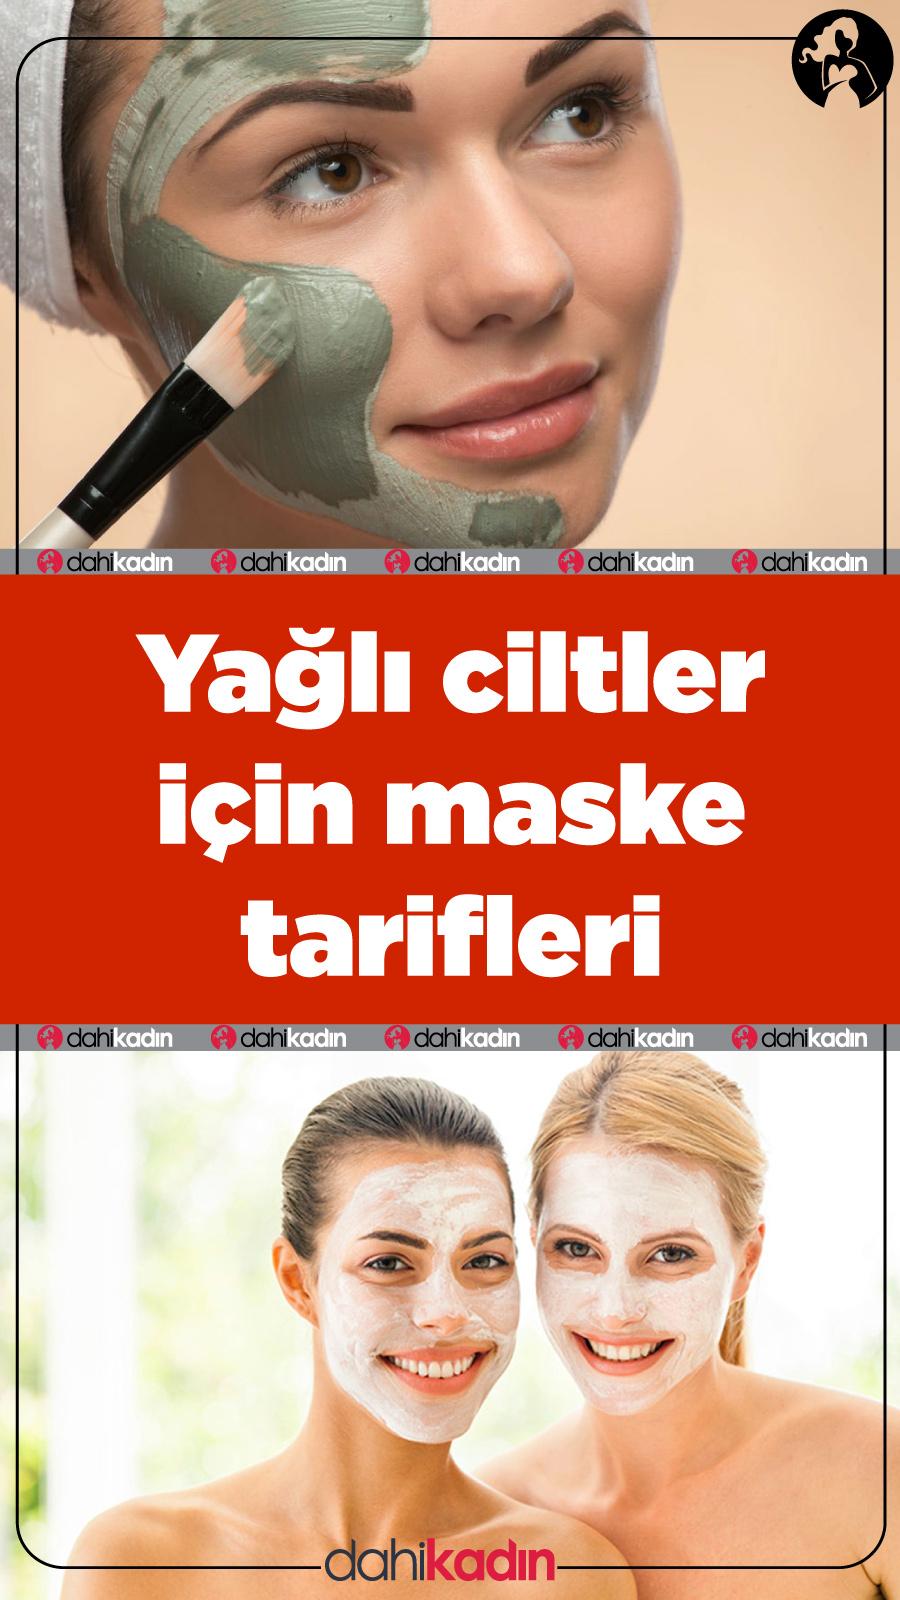 Yağlı ciltler için maske tarifleri - Doğal maske tarifi